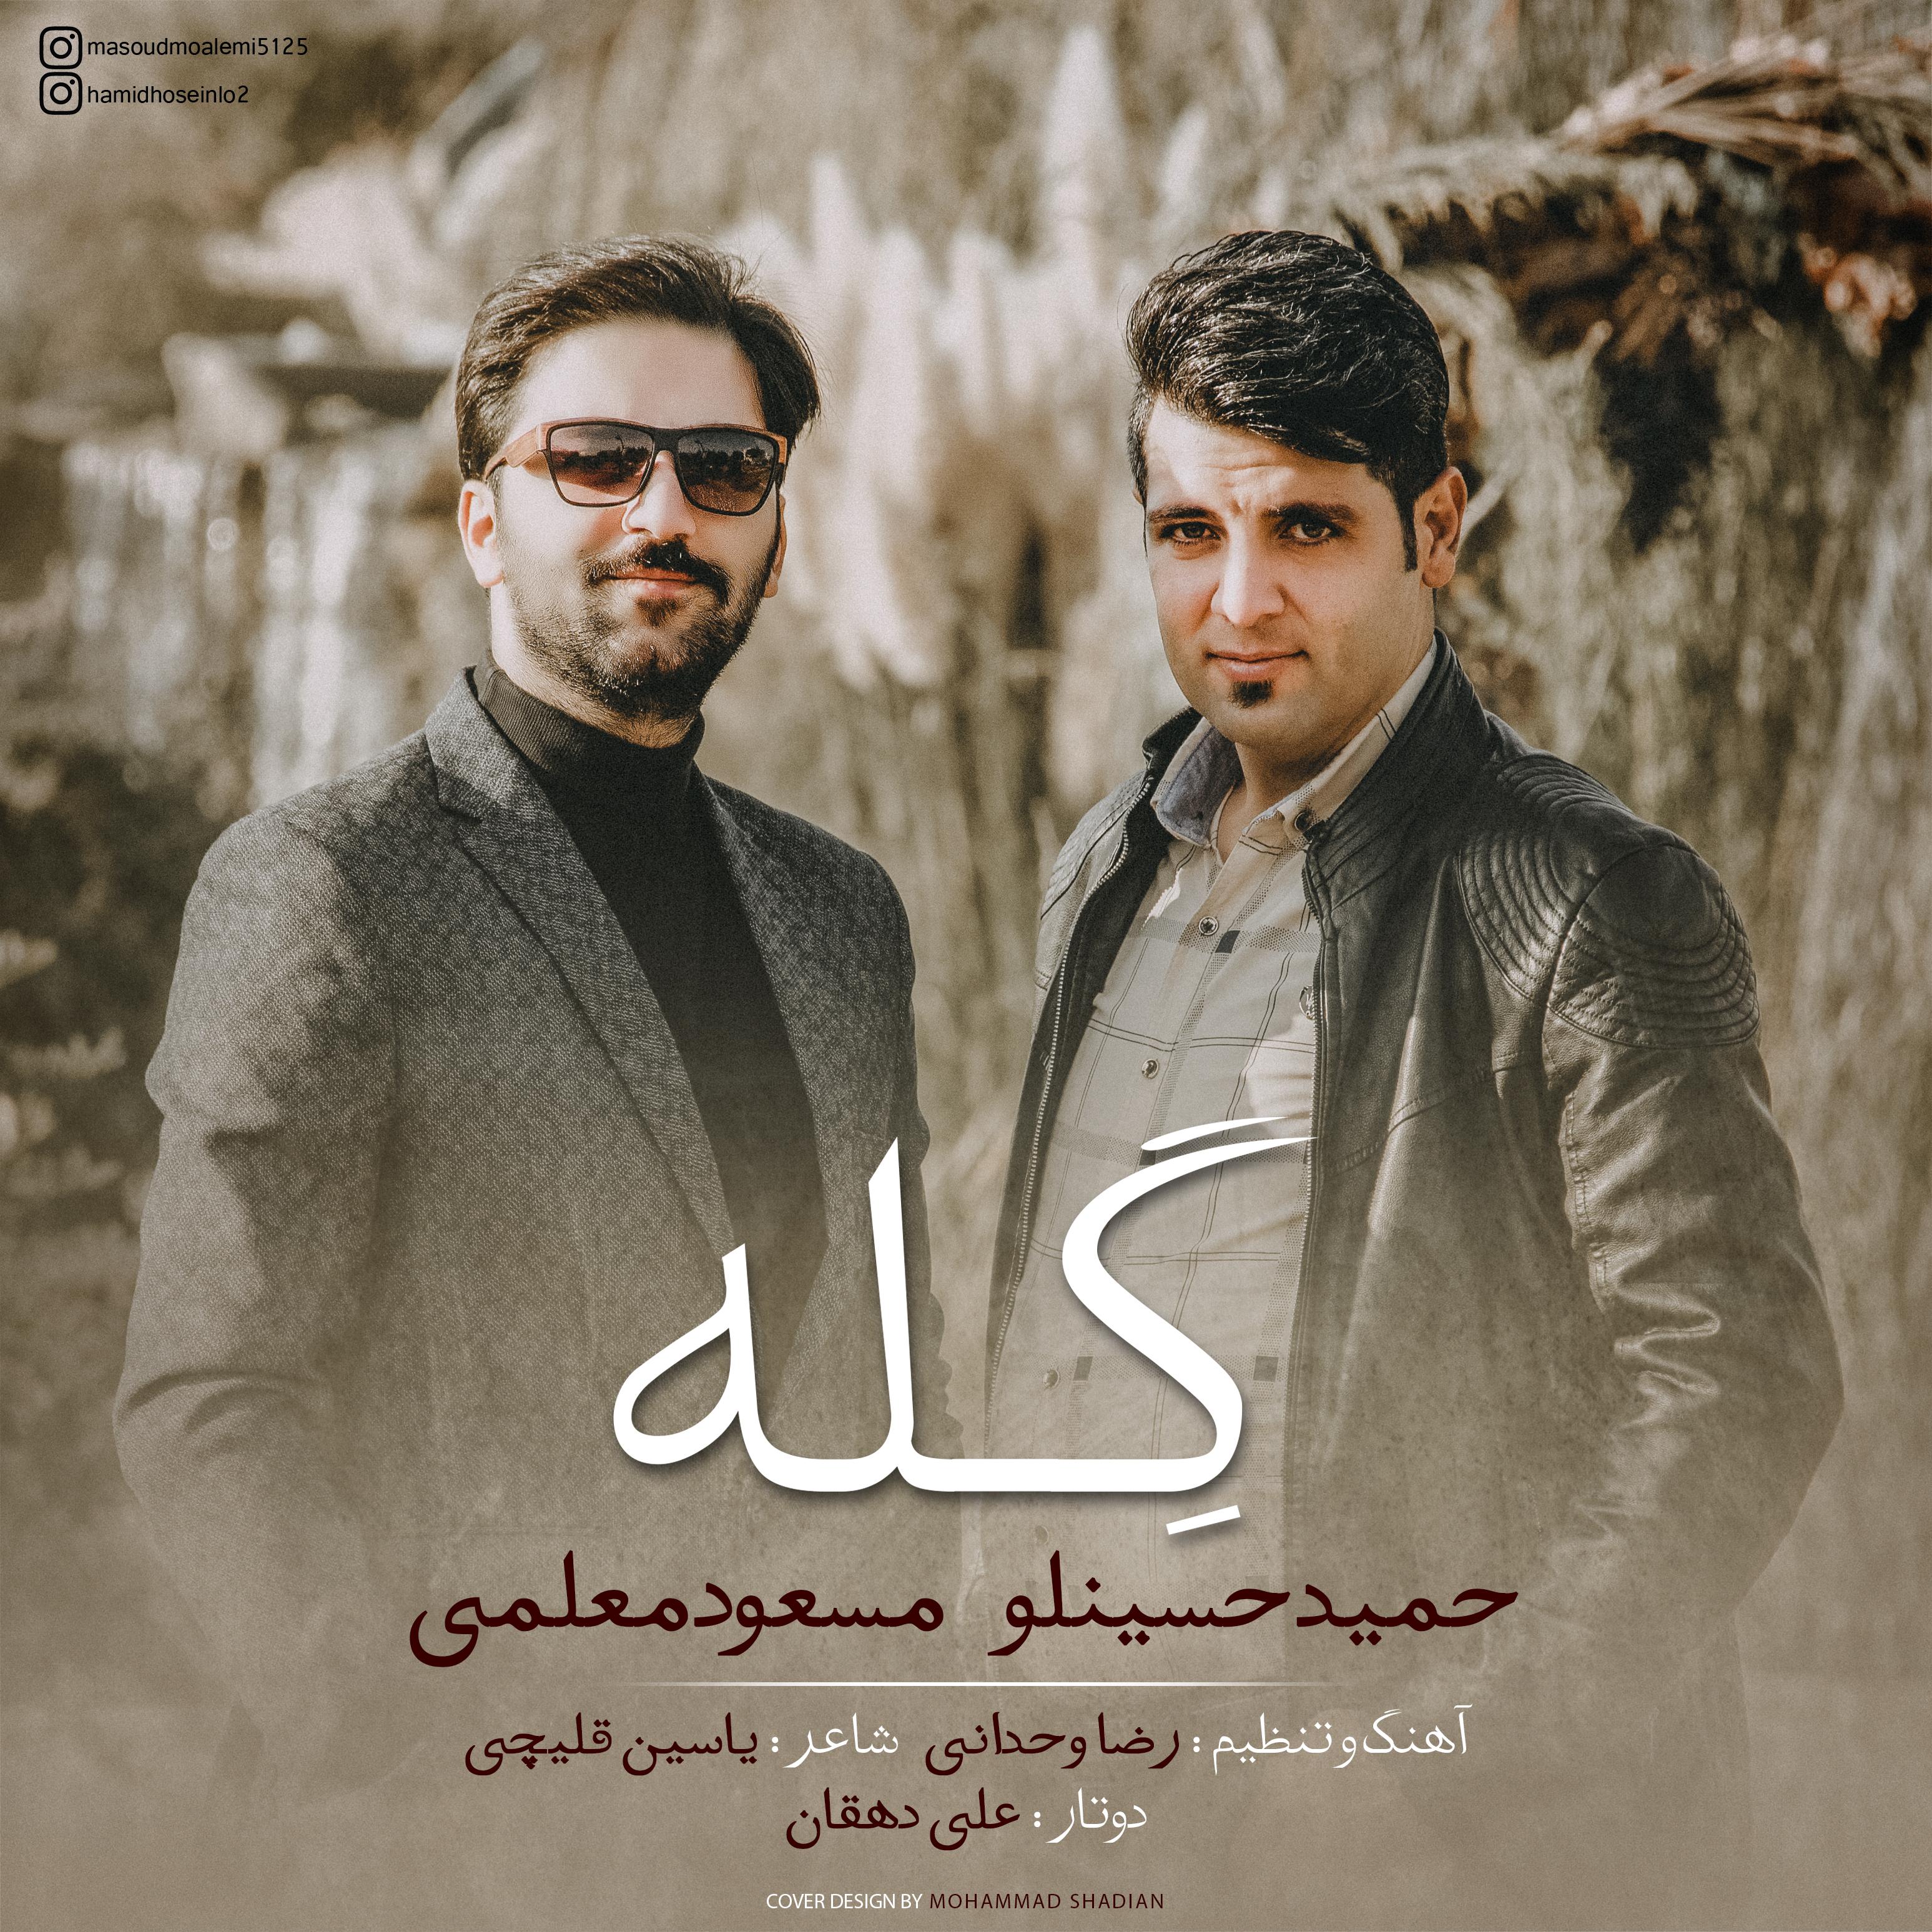 آهنگ گله از مسعود معلمی